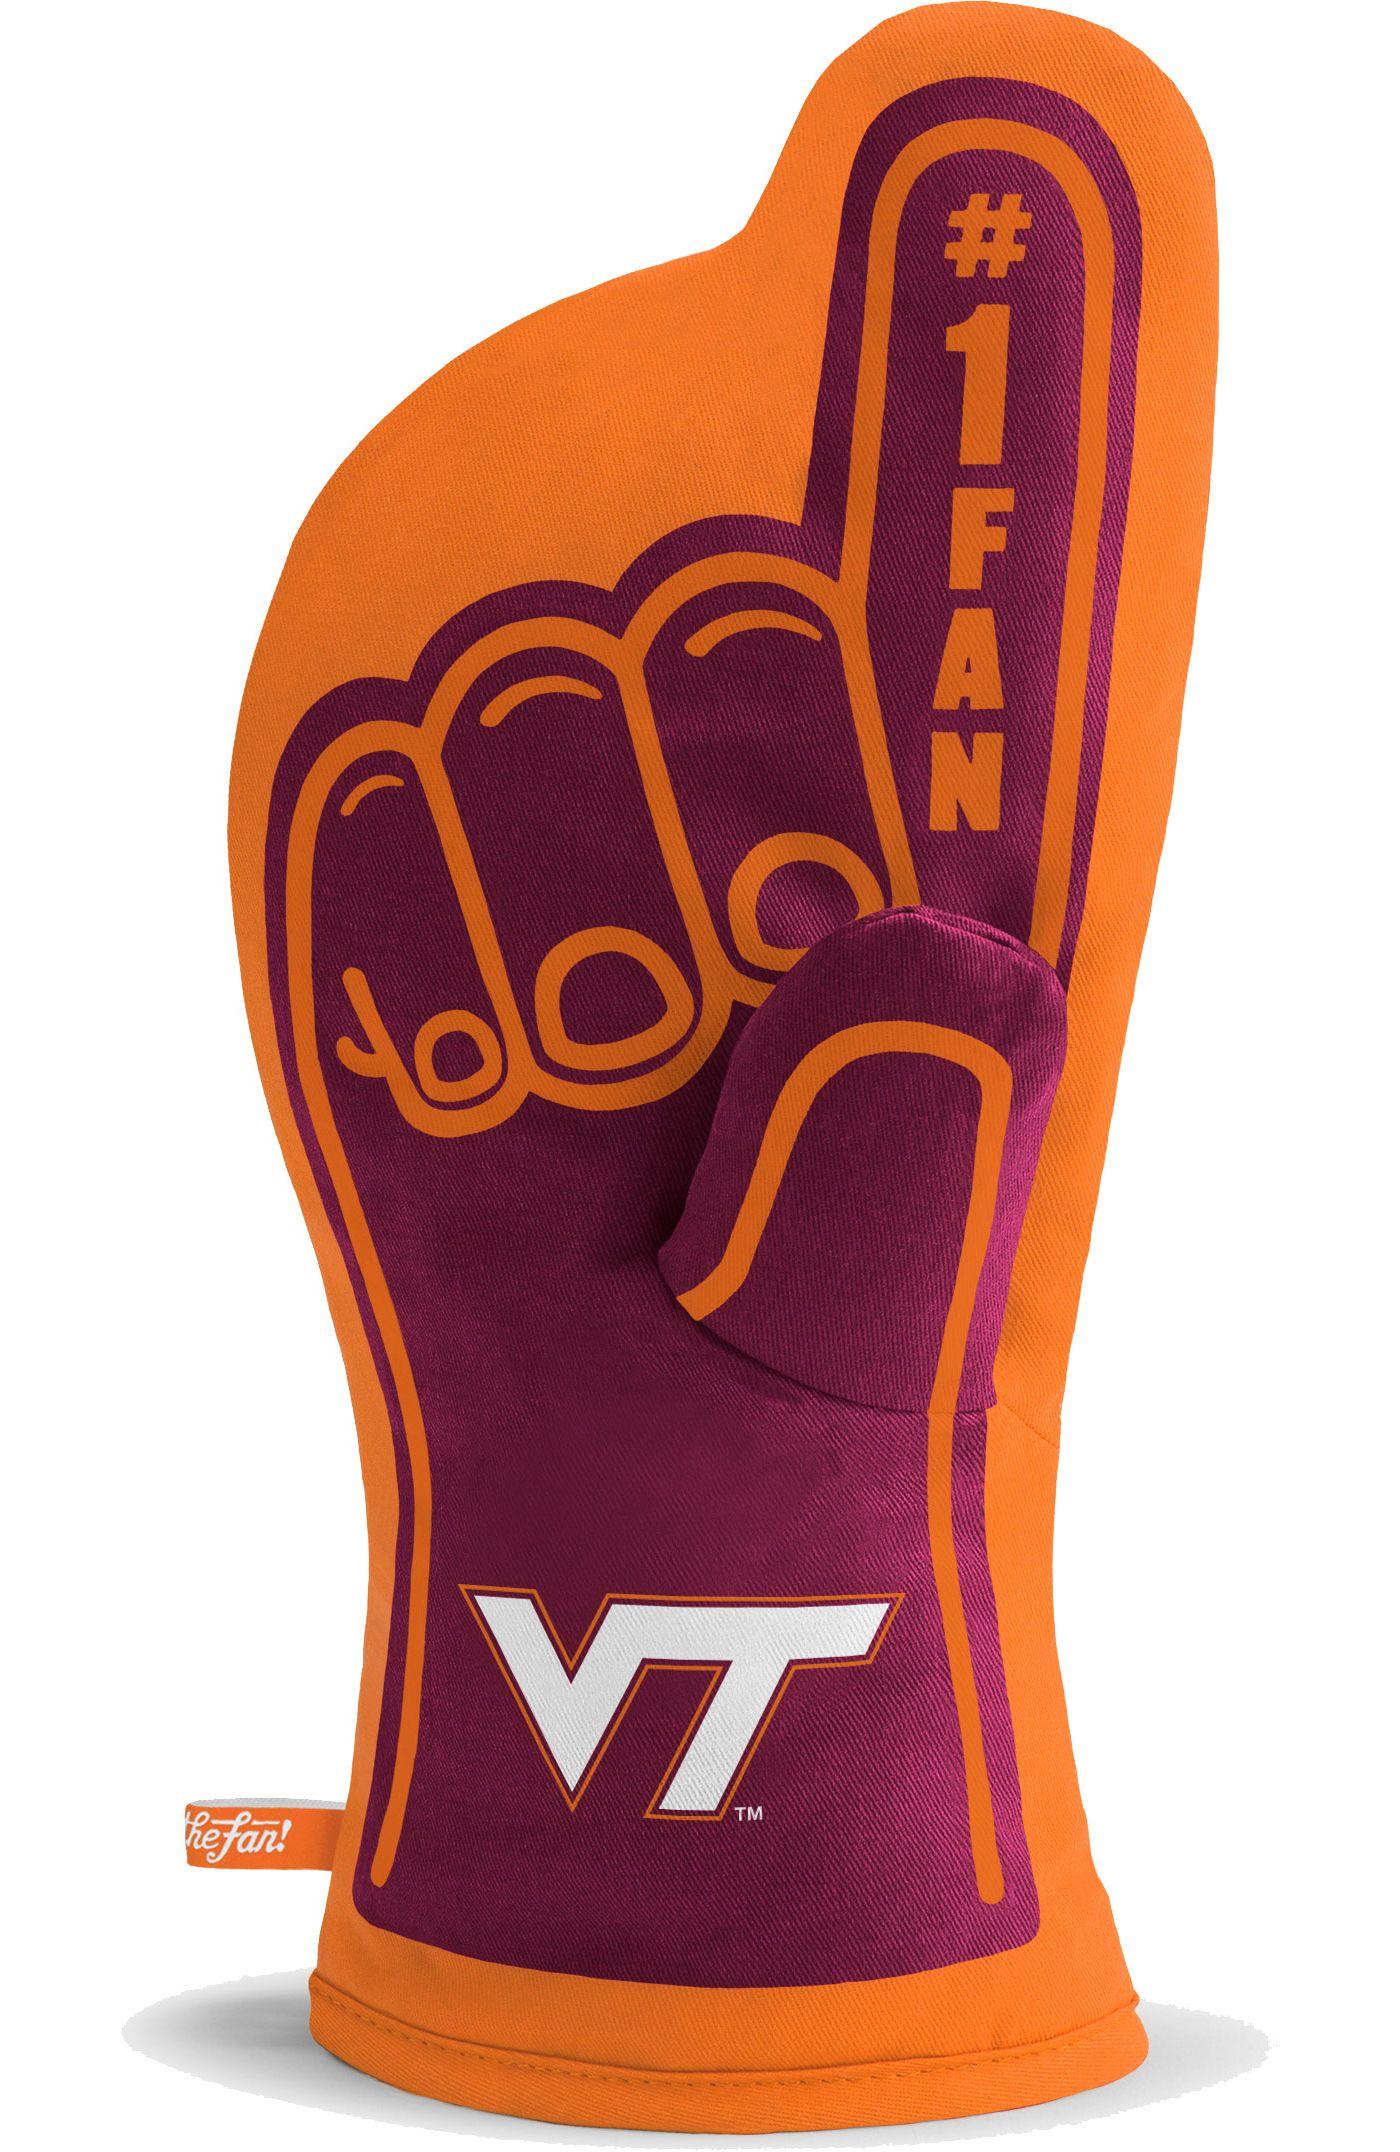 You The Fan Virginia Tech Hokies #1 Oven Mitt